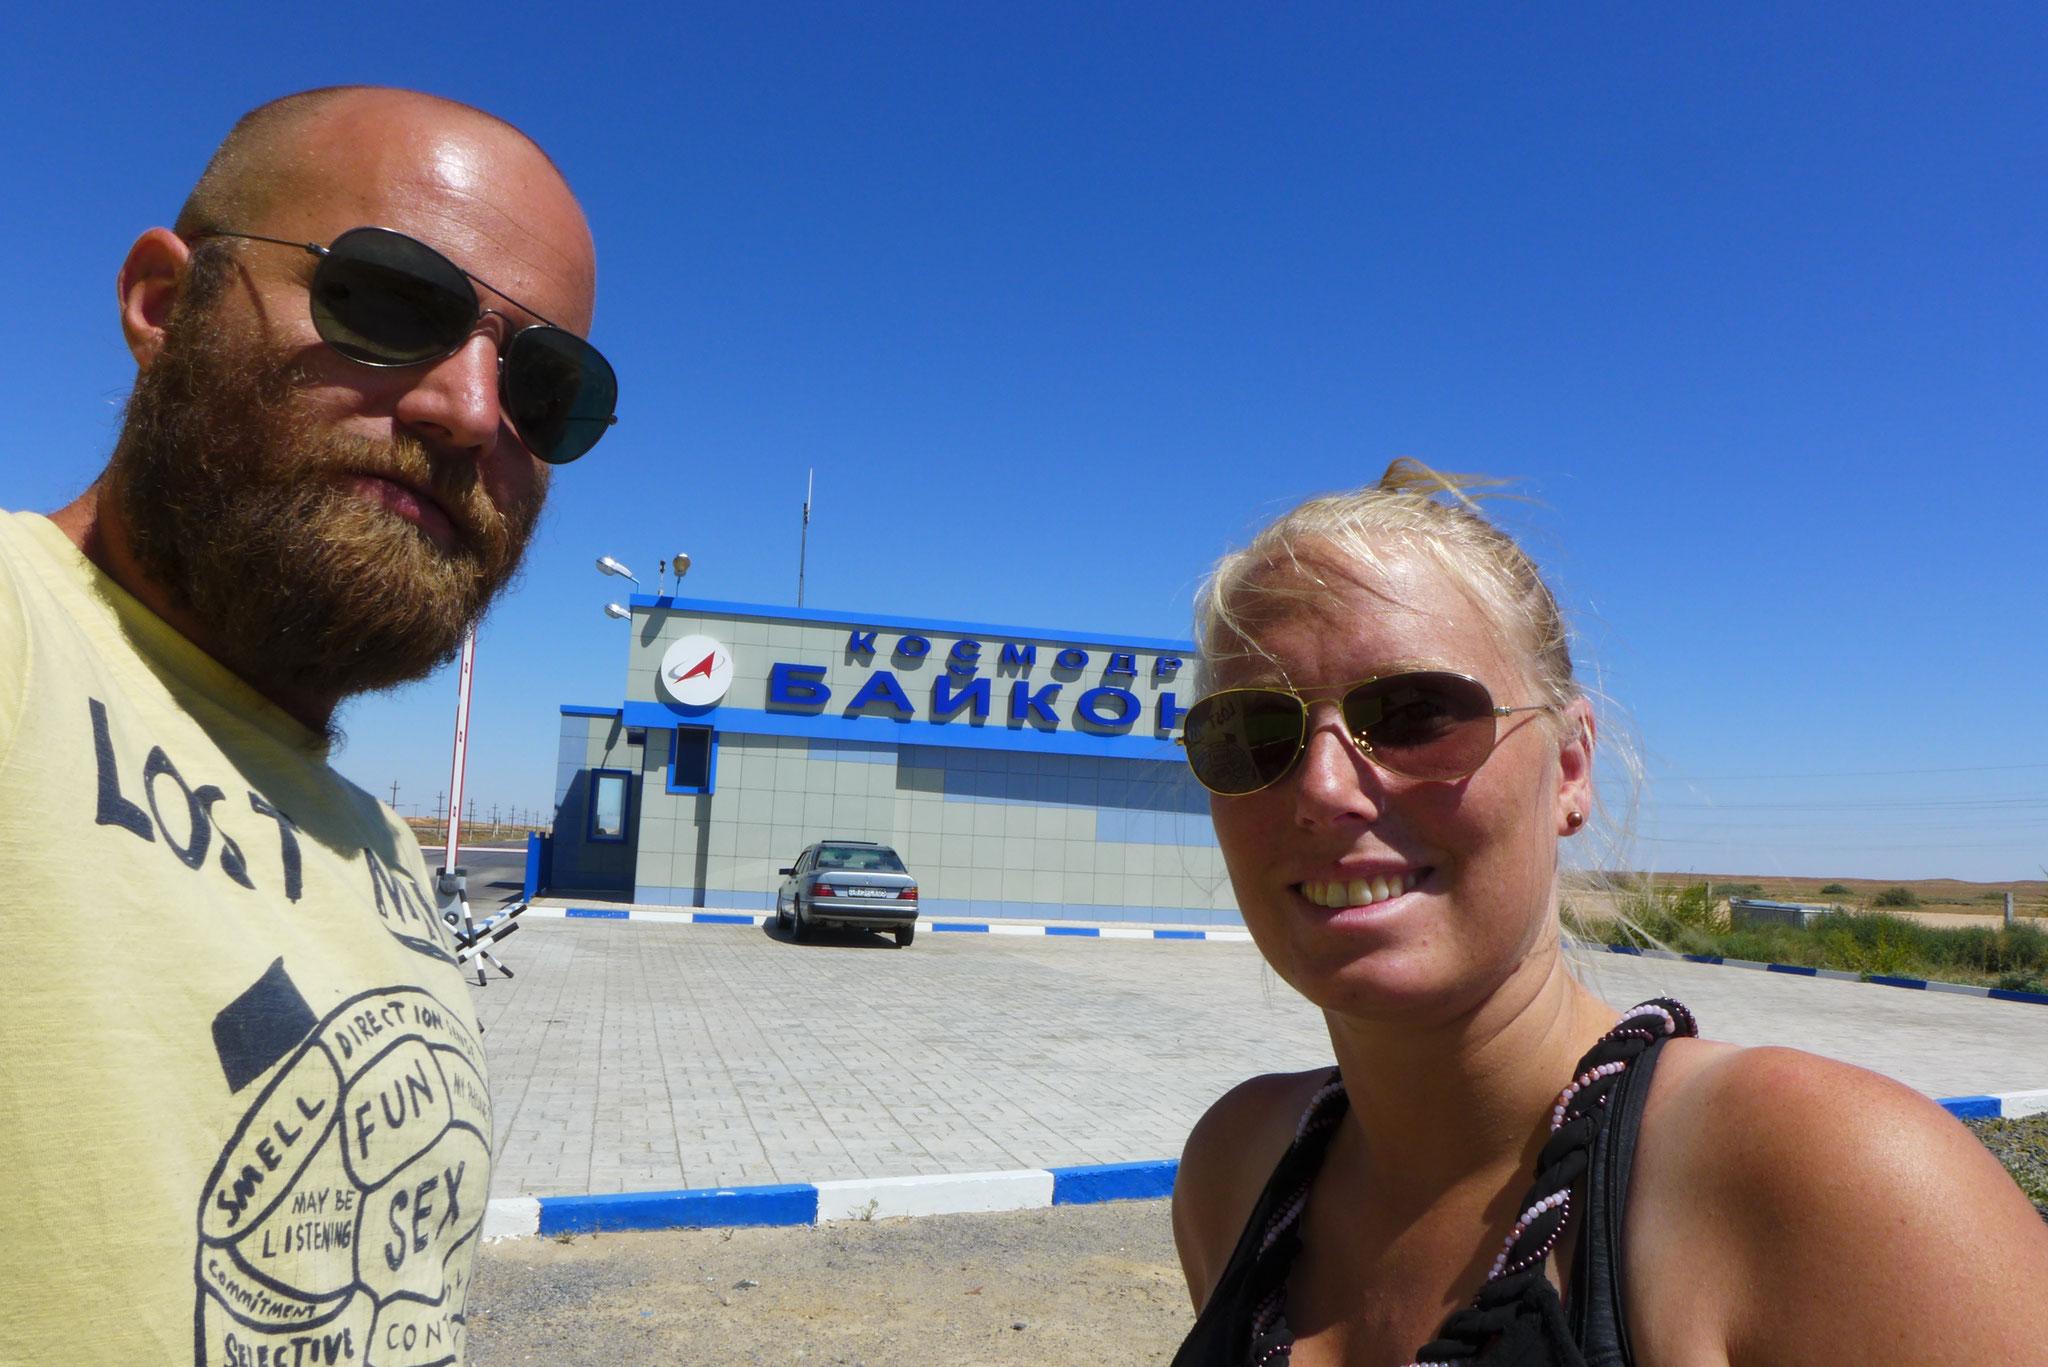 Leider konnten wir nicht auf das Gelände, aber wir waren da. Am größten Weltraumbahnhof der Welt - Baikonur.